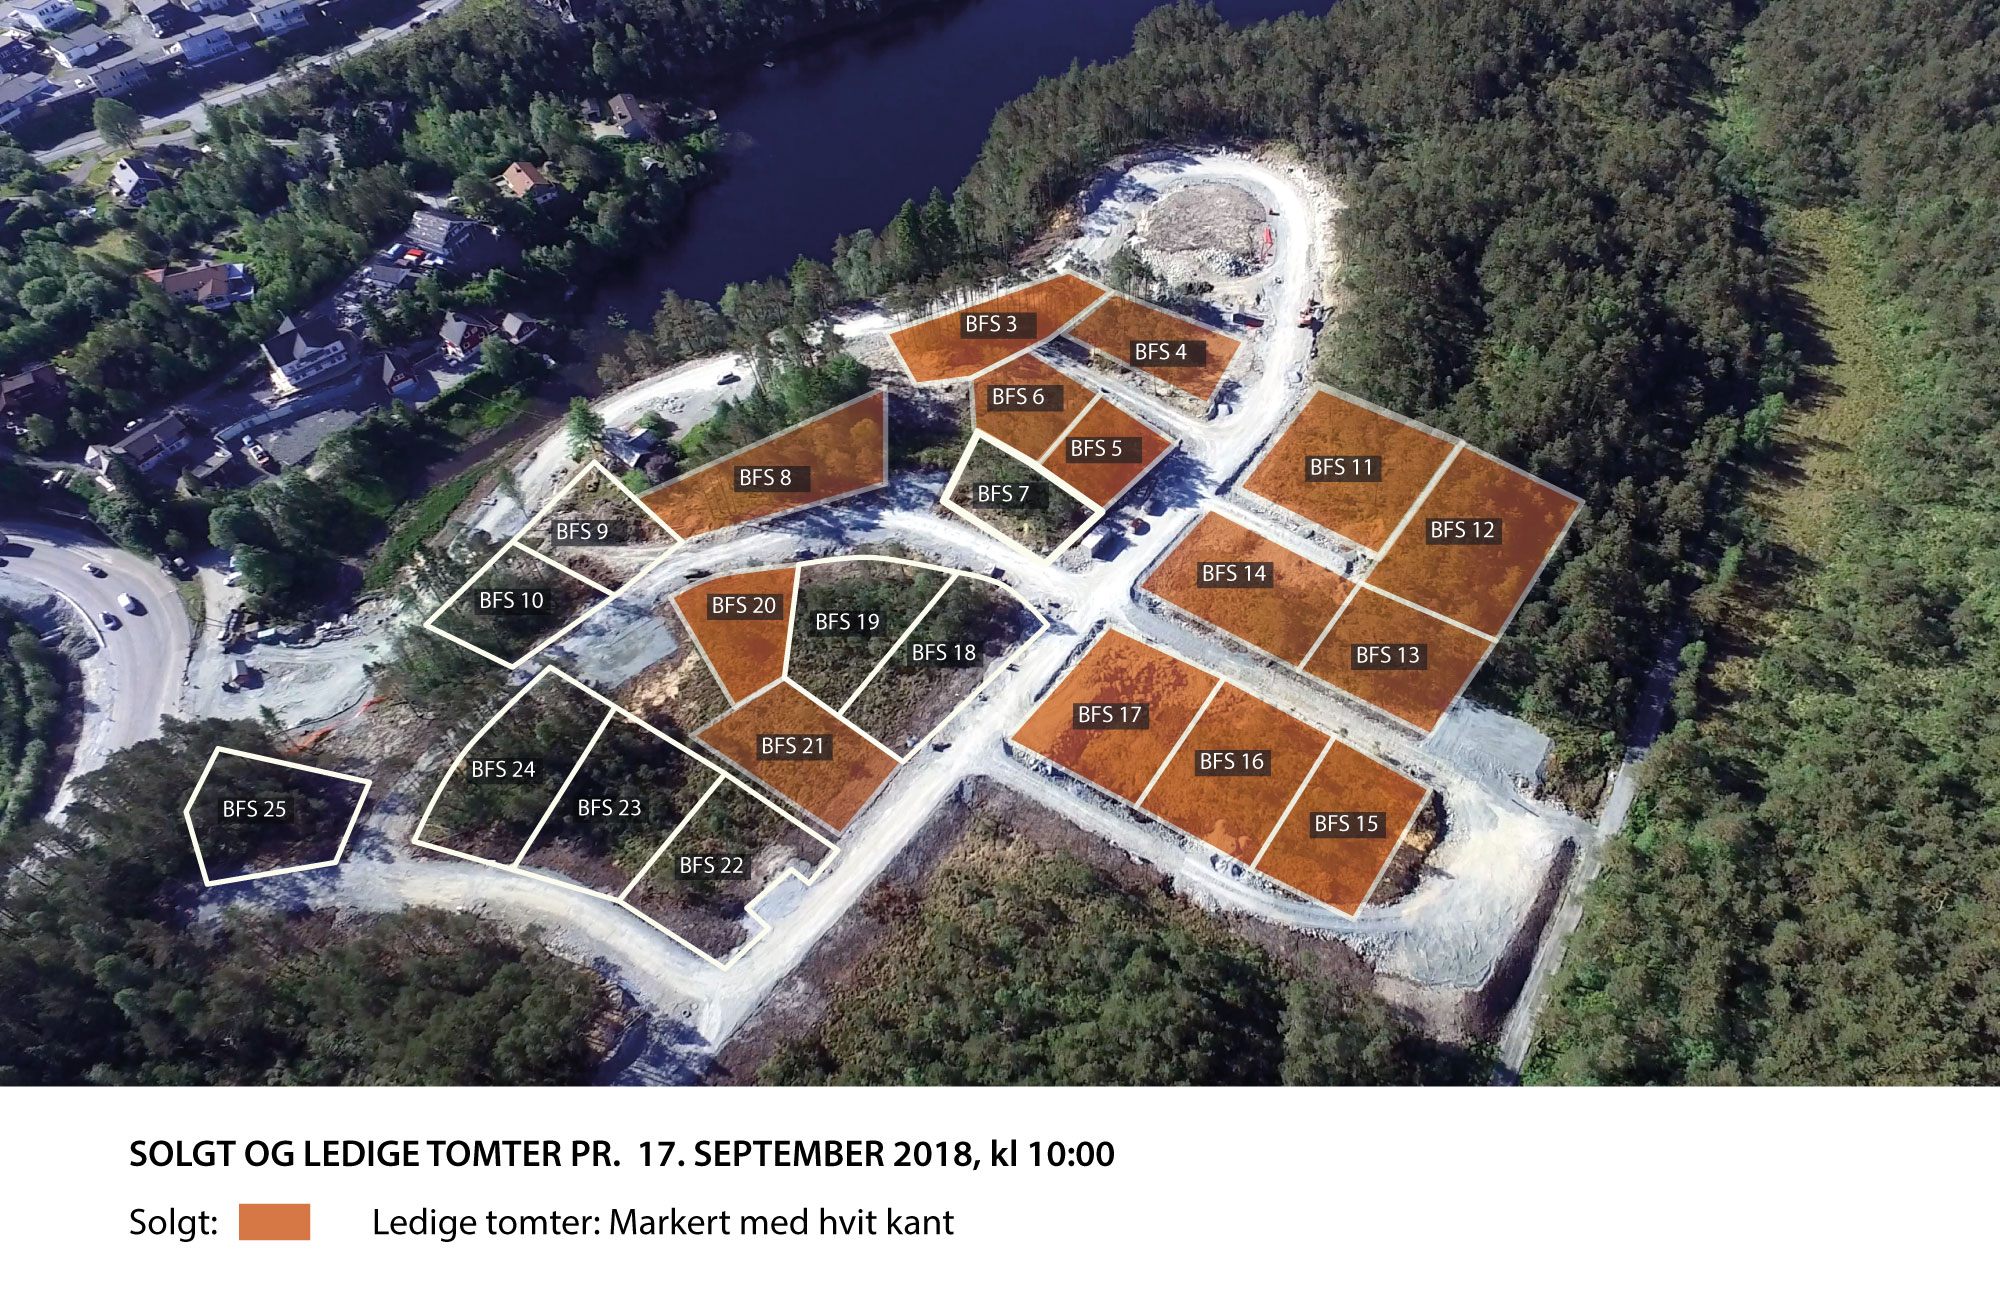 14 Tomter er solgt, men fortsatt 9 ledige tomter i dette flotte tomteområdet.